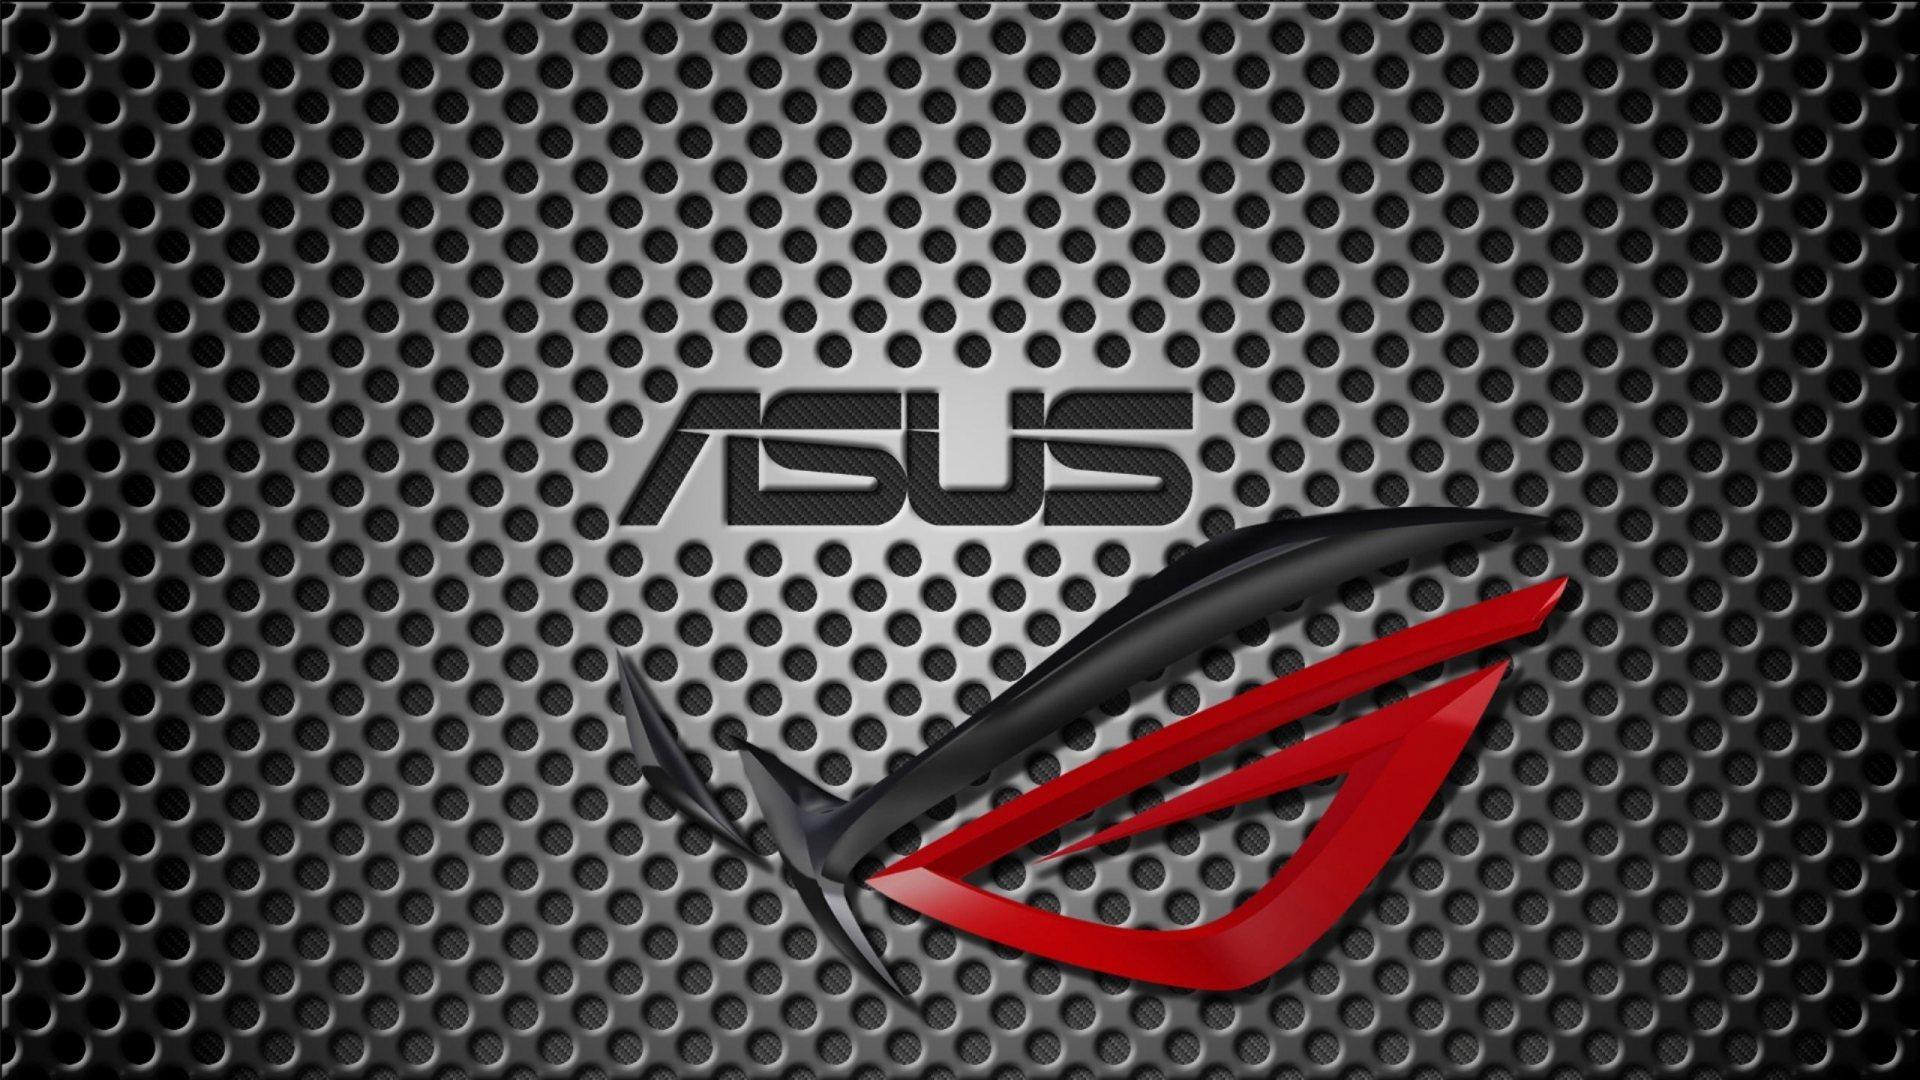 Asus Wallpaper Full HD Desktop Wallpapers 1080p 1920x1080